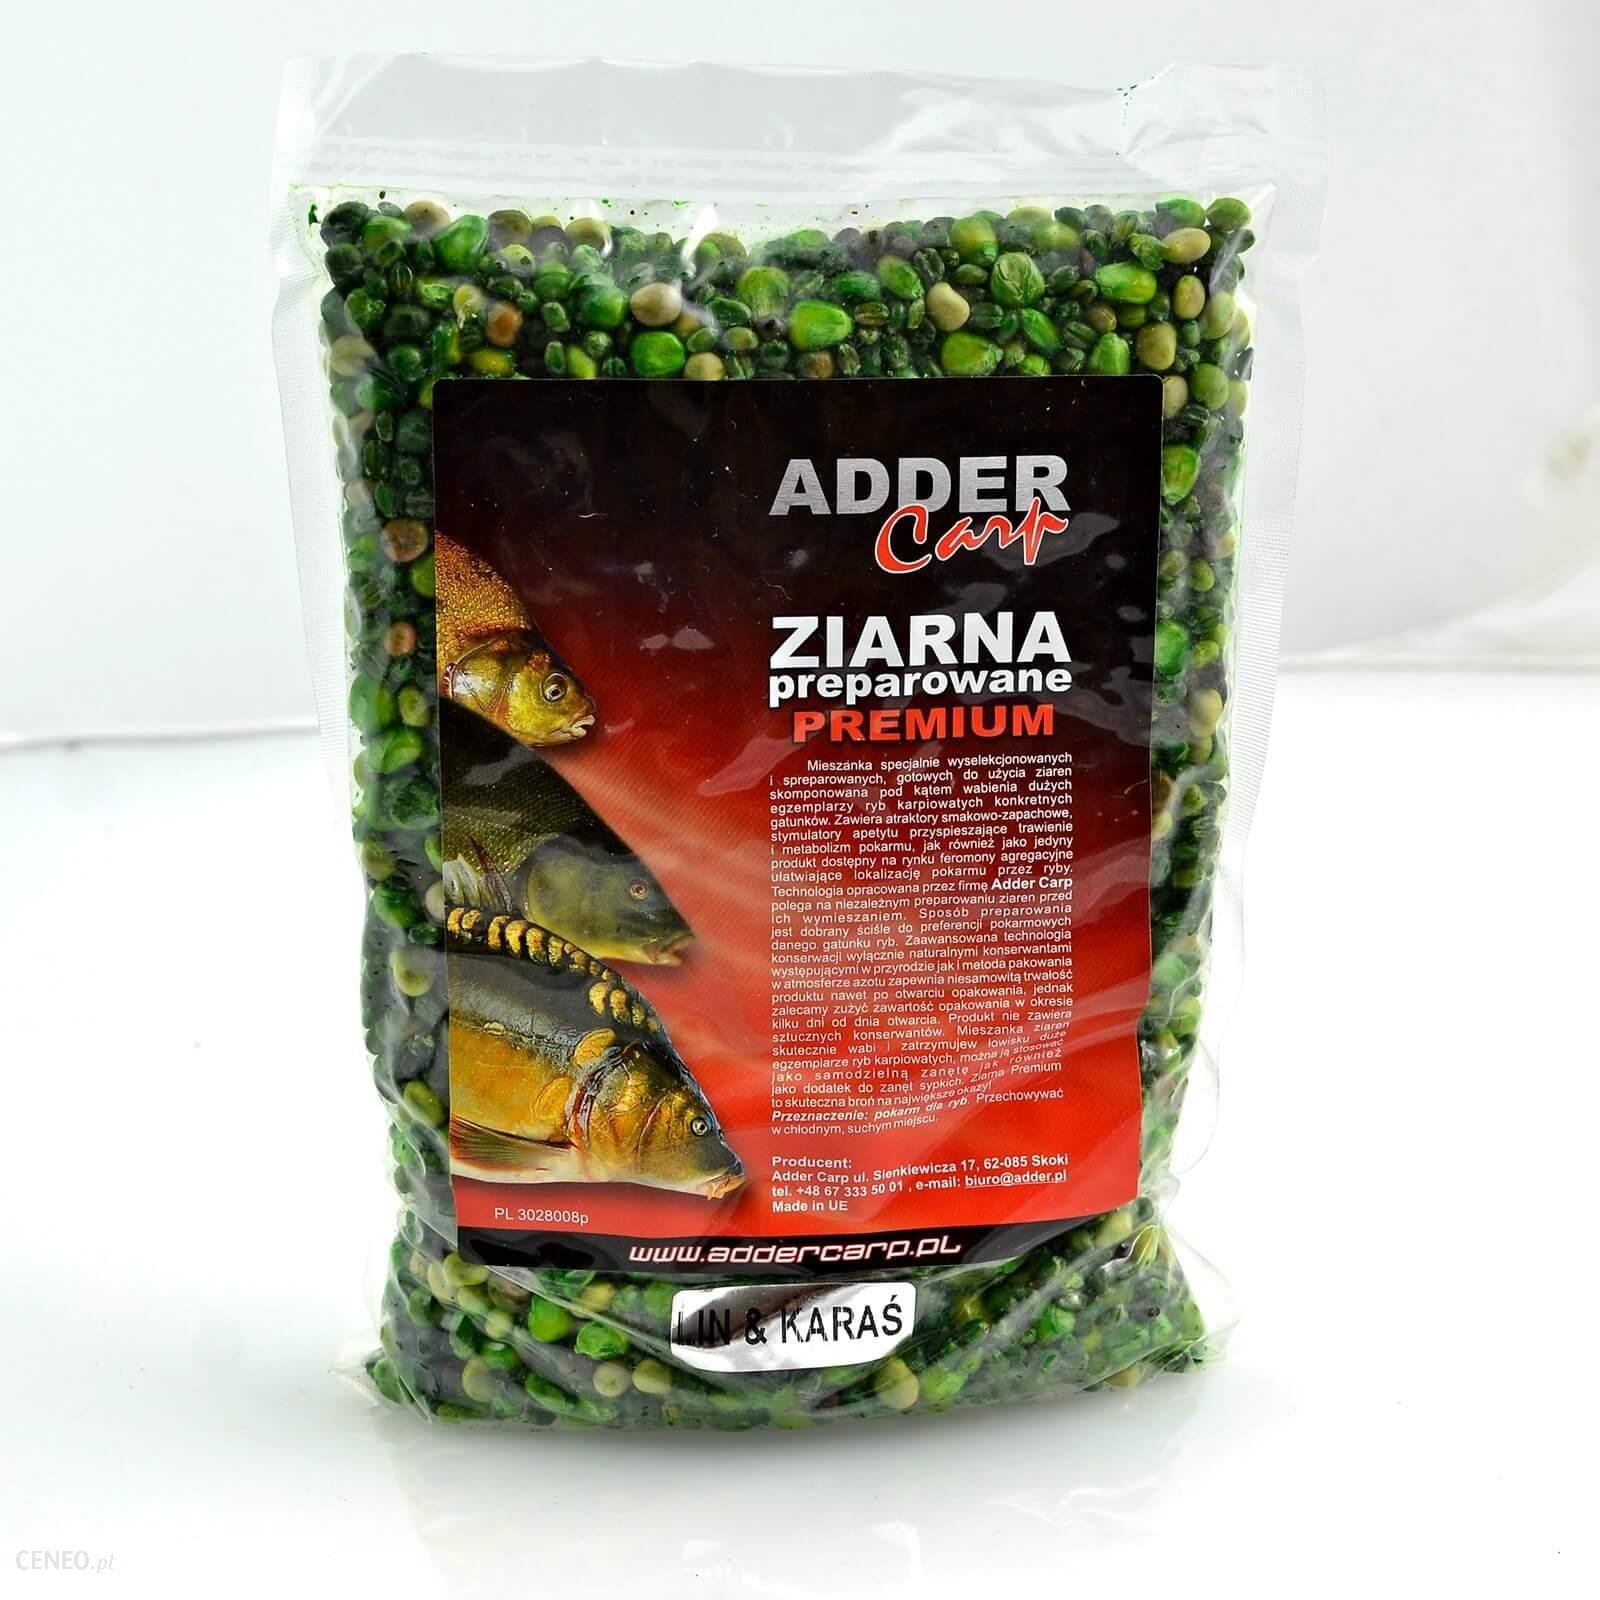 Ac Ziarna Preparowane Premium Lin & Karaś 1Kg Adder Carp